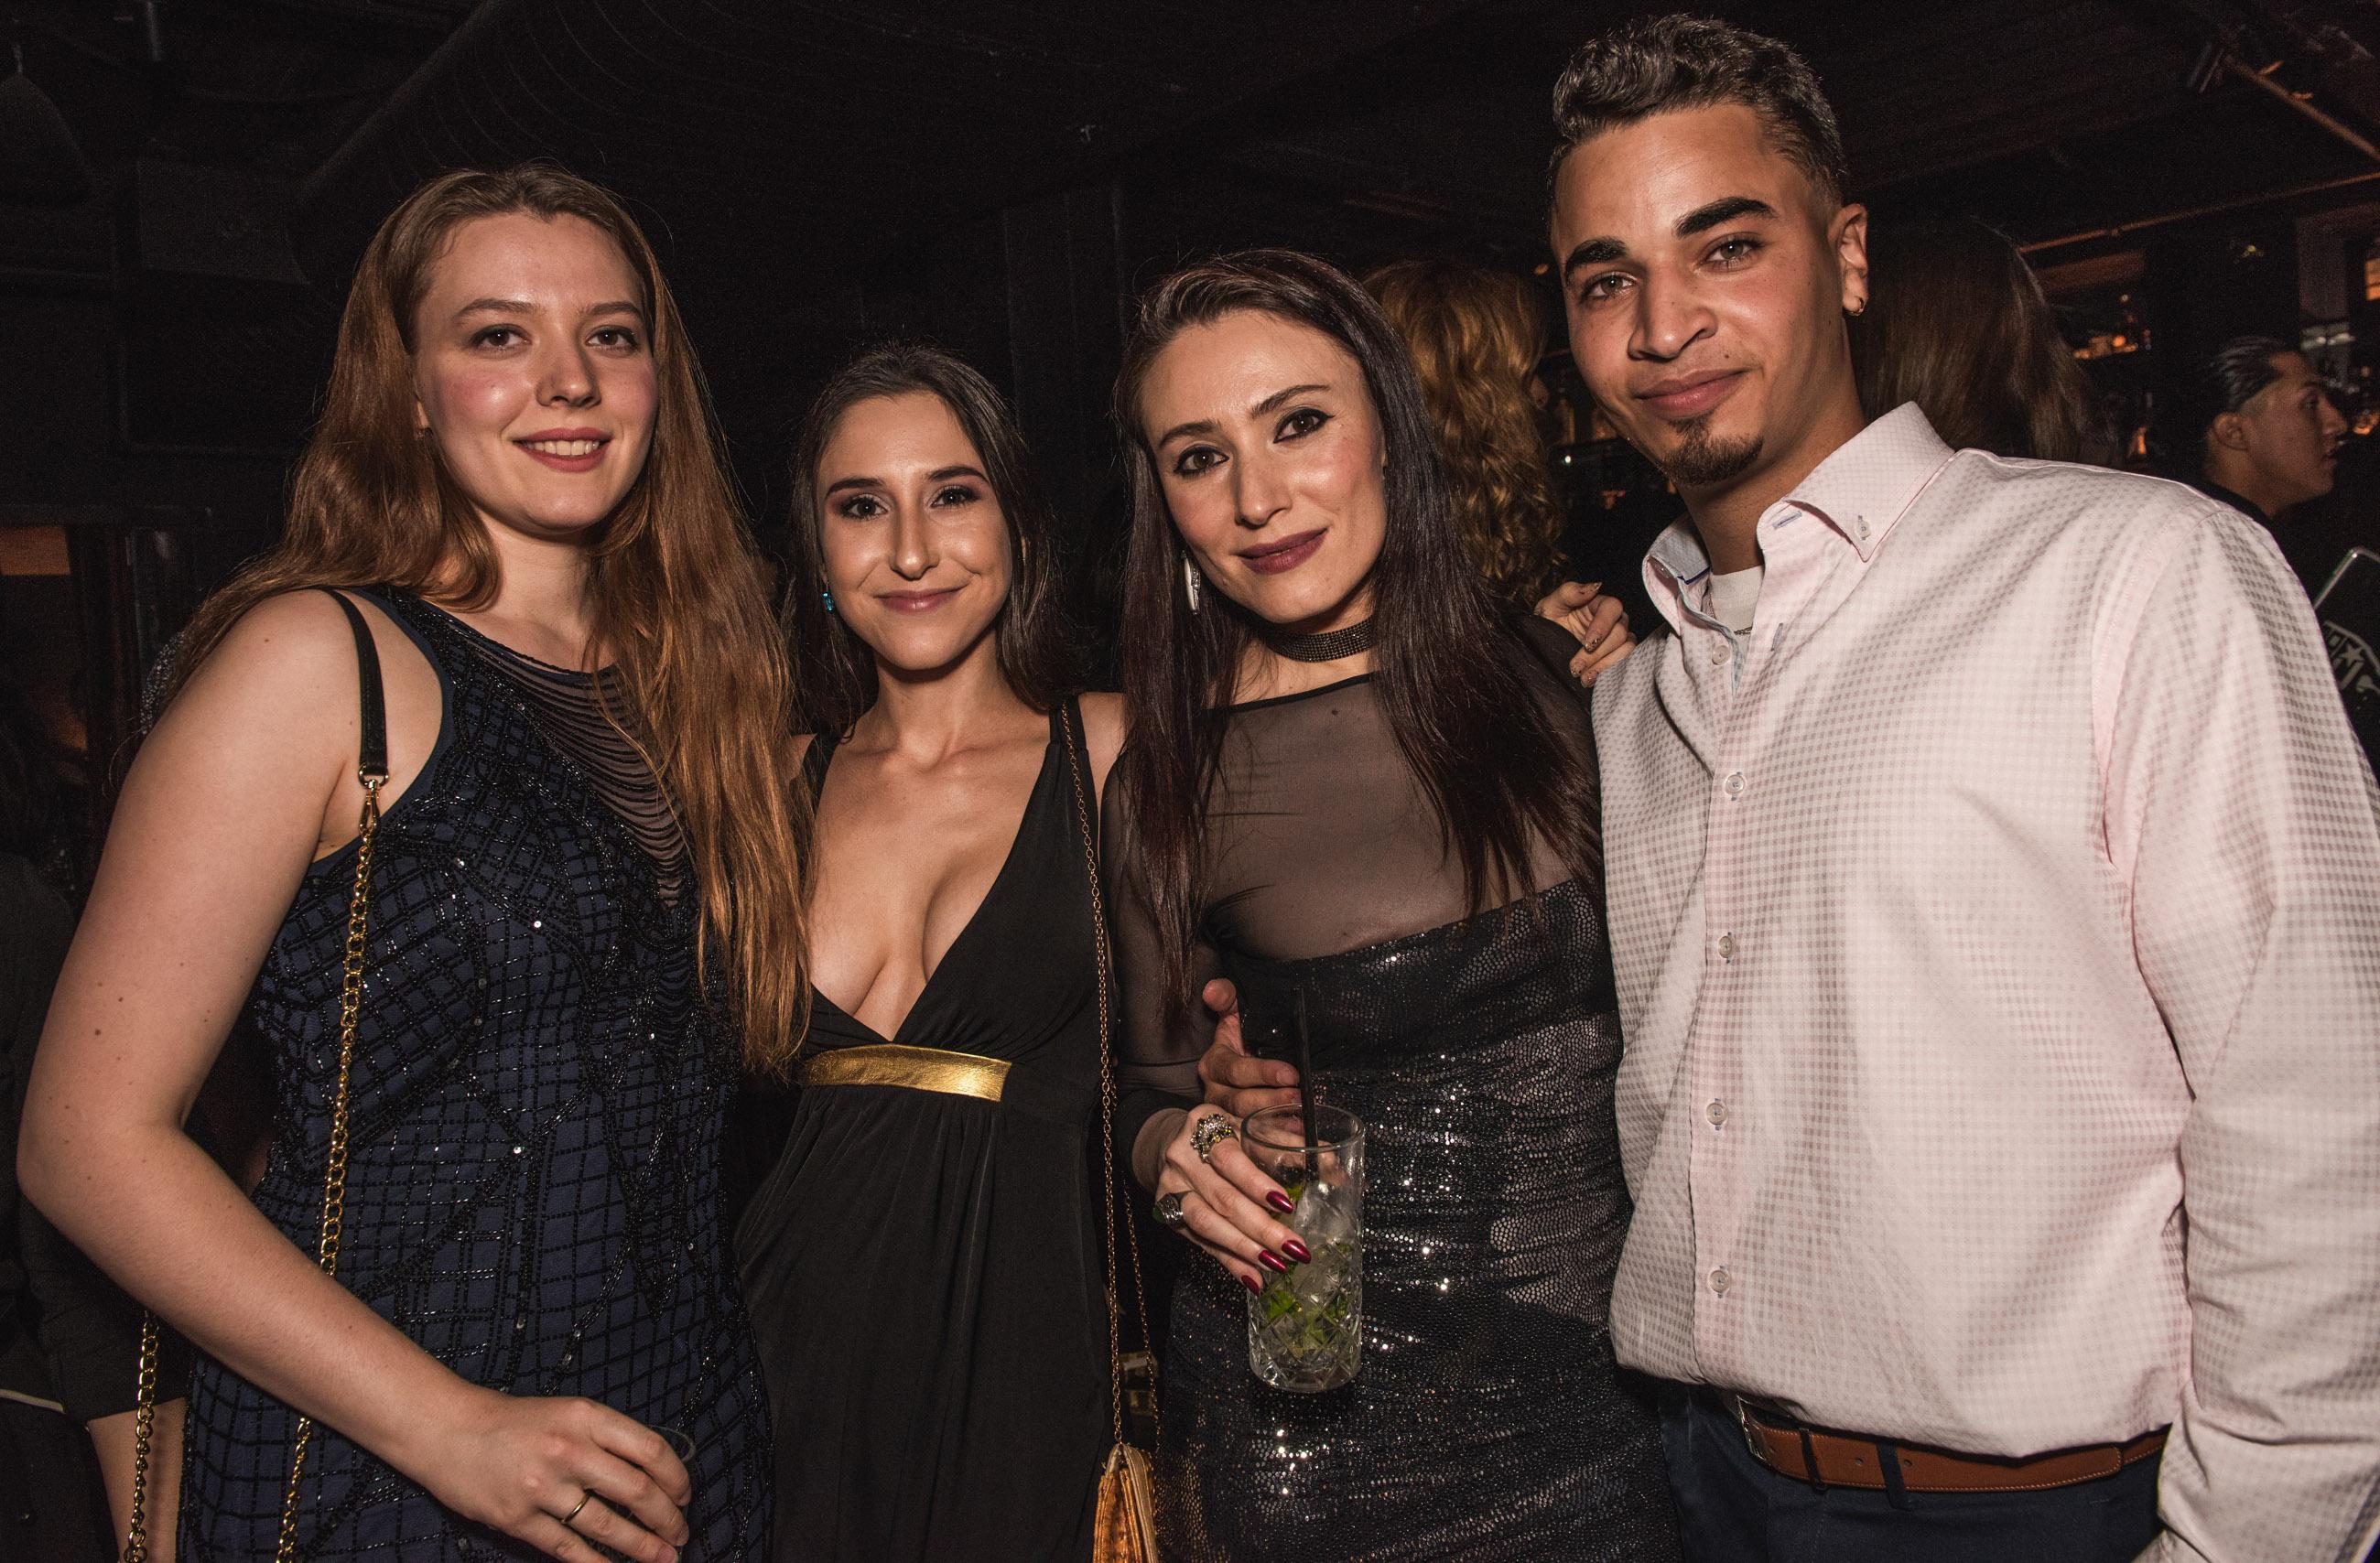 Spirit & Flesh Magazine Jussie Smollett cover event, Vasilisa Deyneko, Katherine Sokolova, Yelena Deyneko & Gianni Perez by Leo Urossov